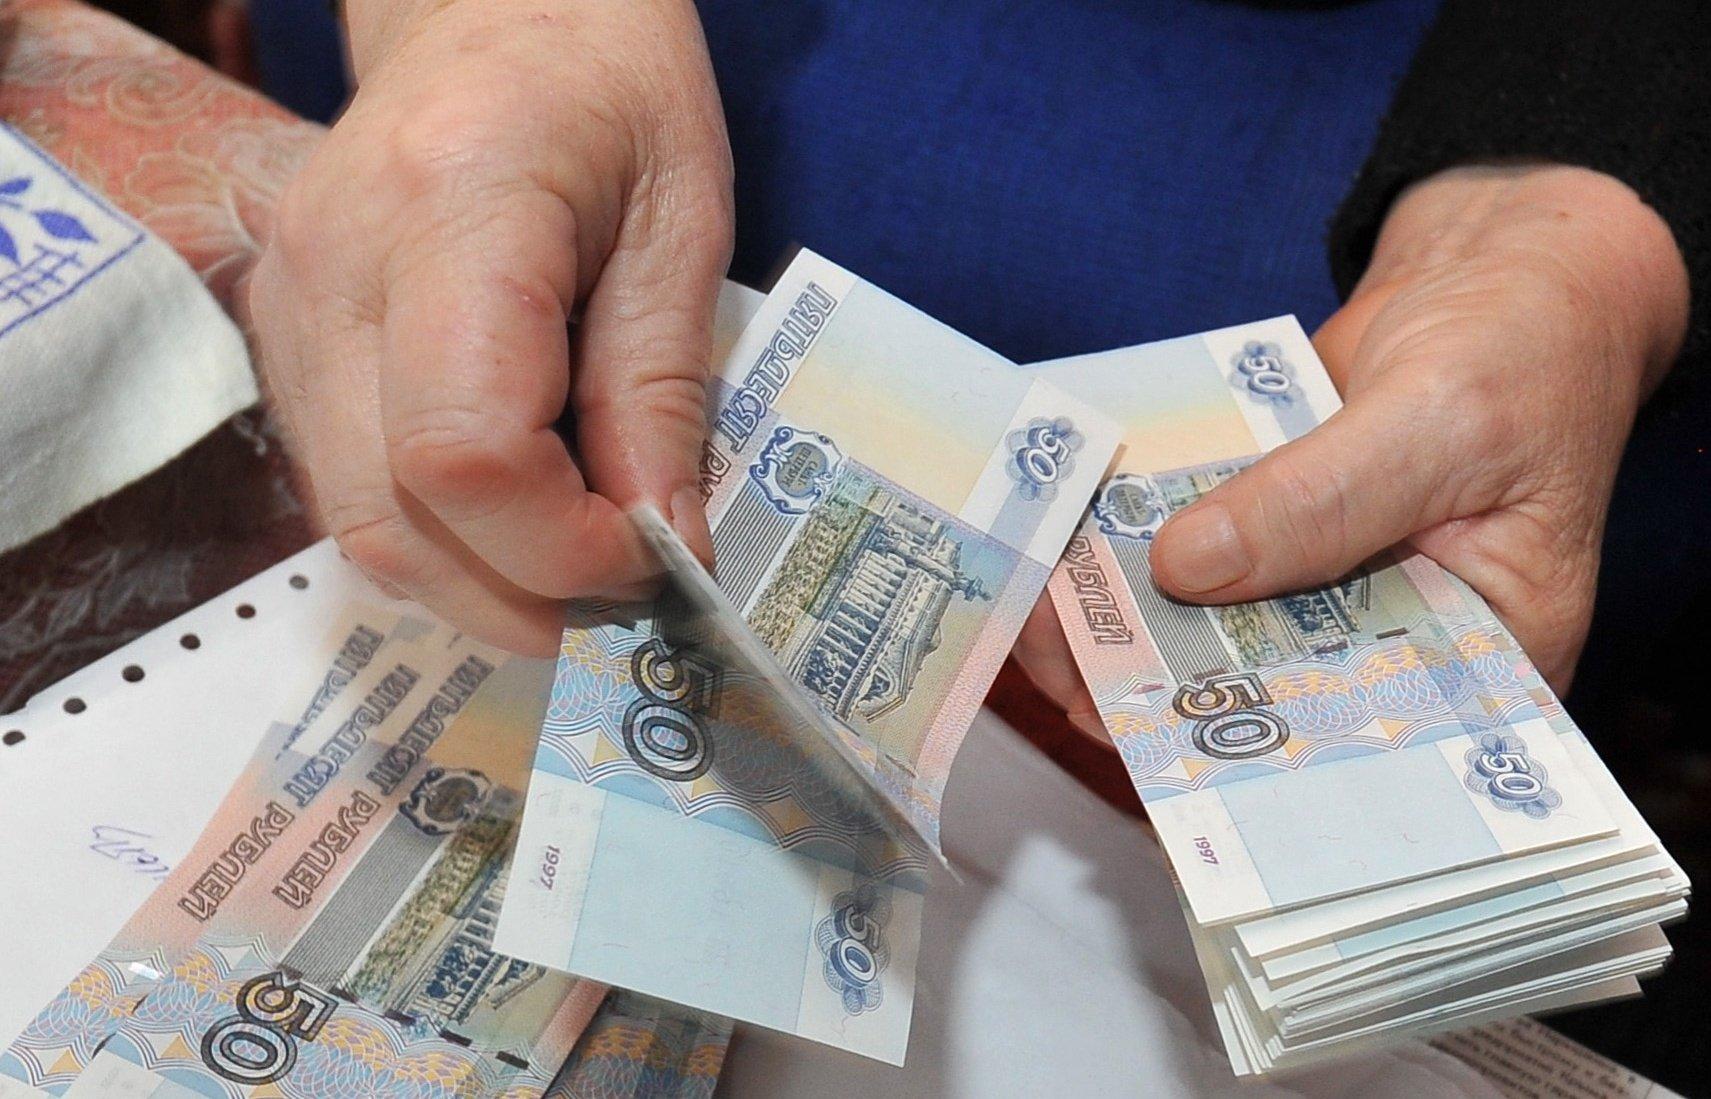 должна оплачивают ли переезд пенсонерам из региона в регион старцами, как